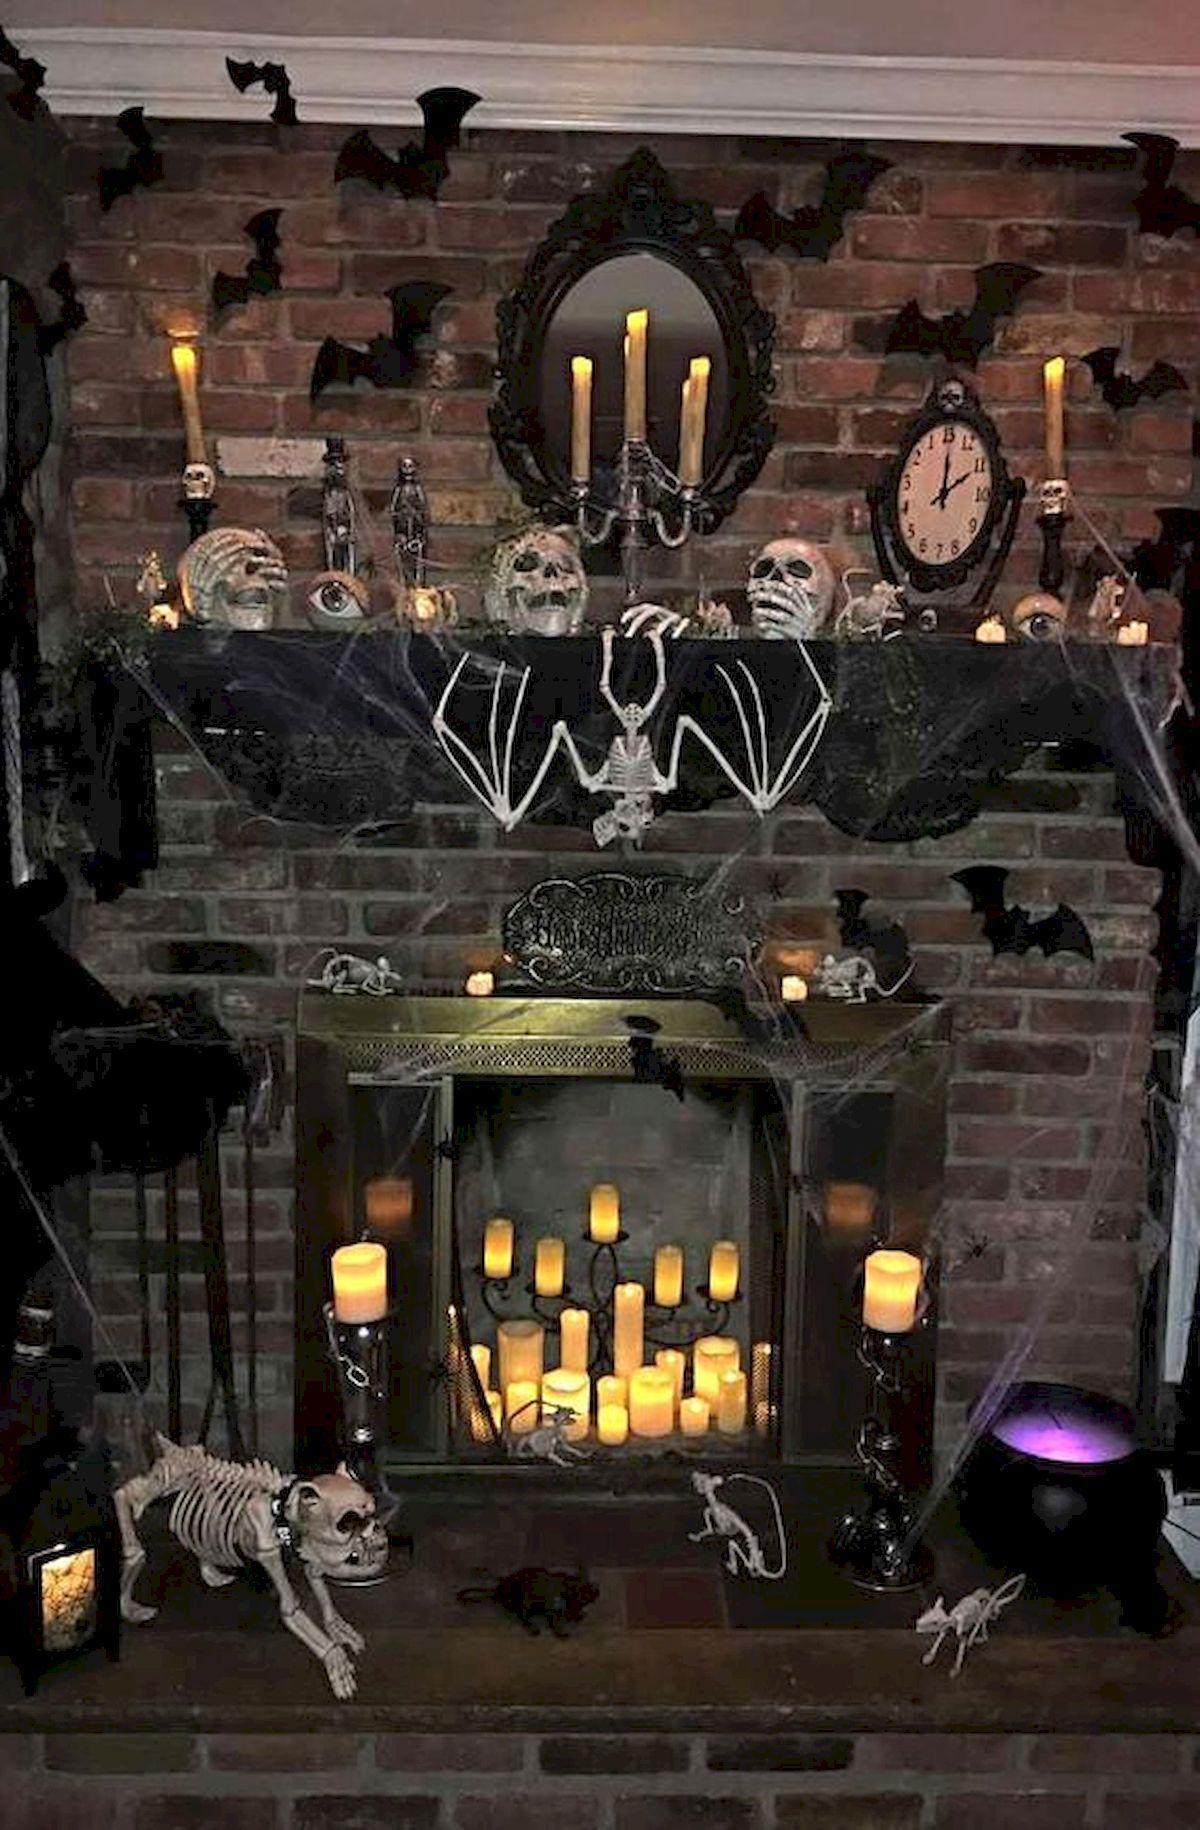 50 Stunning Halloween Decoration Indoor Ideas Halloween Decorating Ideas Halloween Fireplace Halloween Mantel Spooky Halloween Decorations